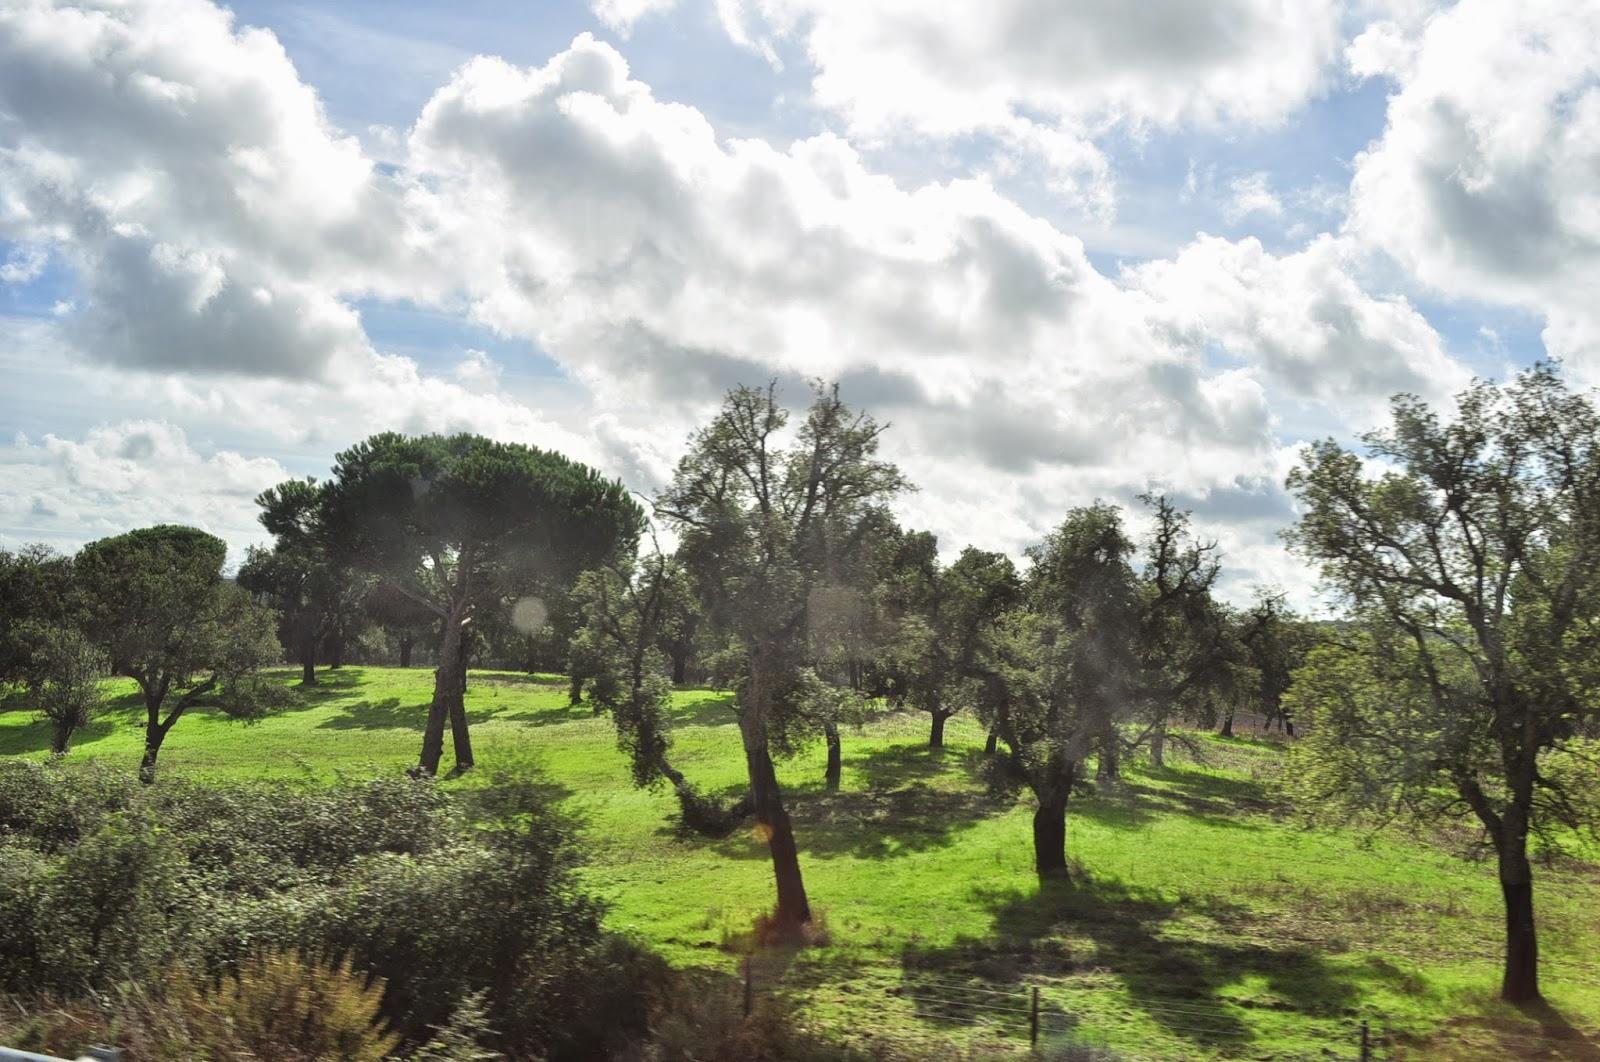 Голяма част от територията на Португалия е залесена с коркови дървета. Производството на корк е една от водещите местни индустрии. Освен тапи за вино, от корк произвеждат всичко което ти хрумне: чанти, шапки, обувки, дрехи, които обаче струват цяло състояние.